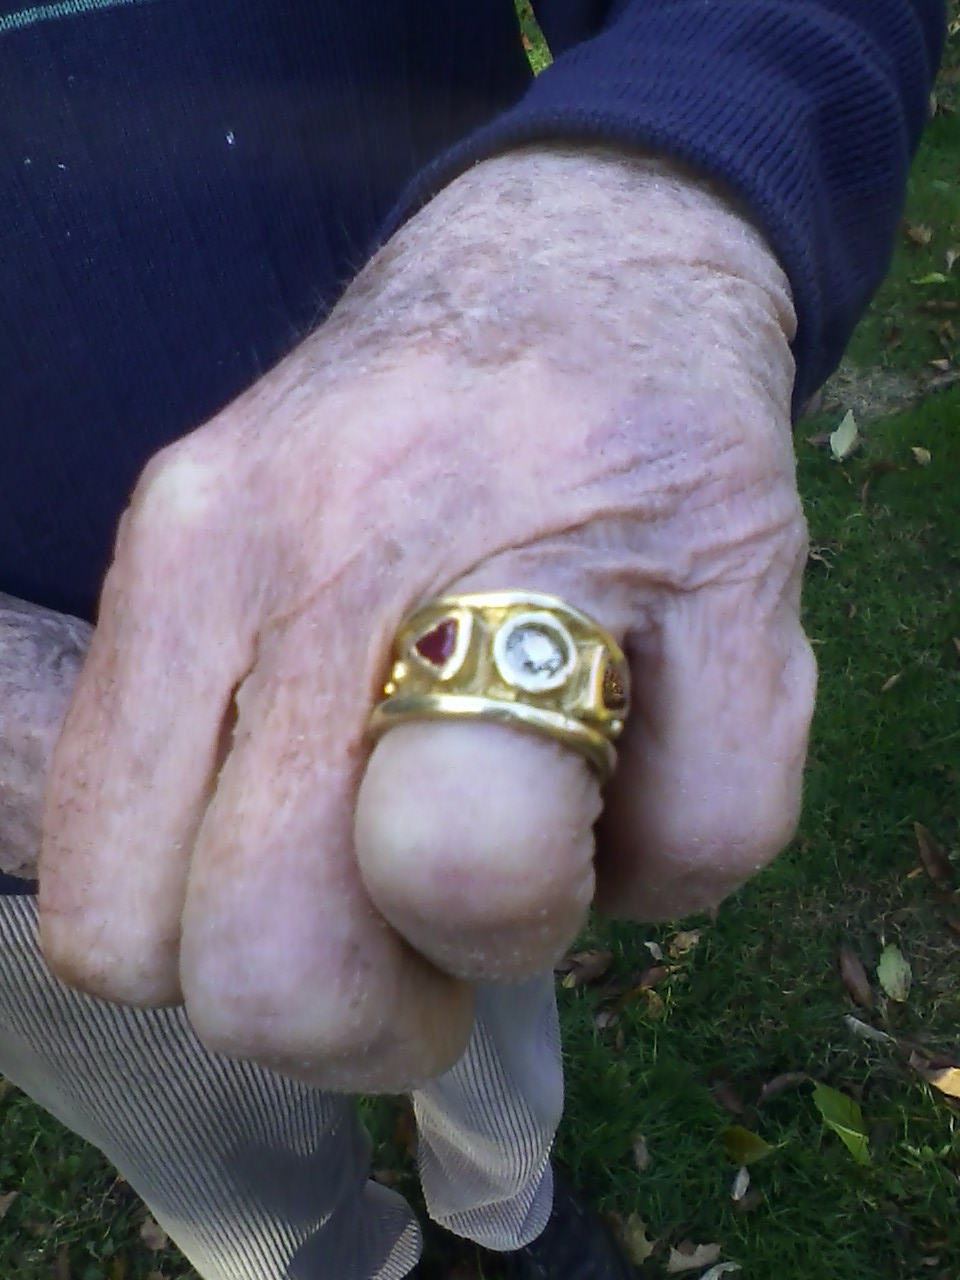 f ring